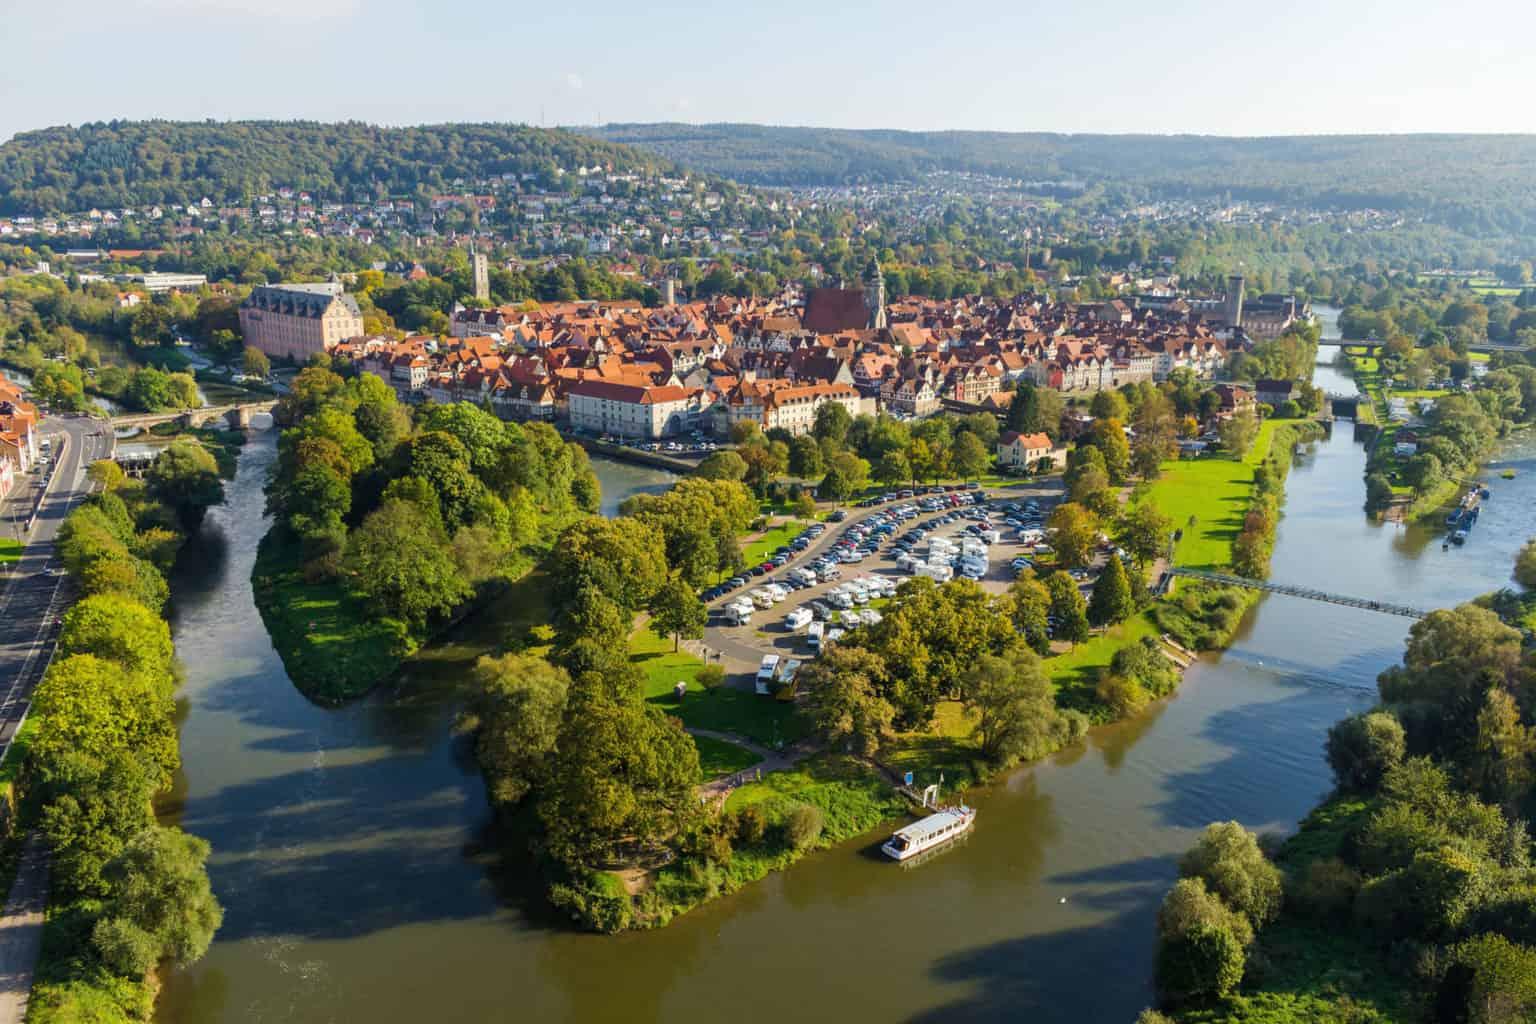 De samenloop van Werra en Fulda bei het stadje Hann. Münden in Nedersaksen